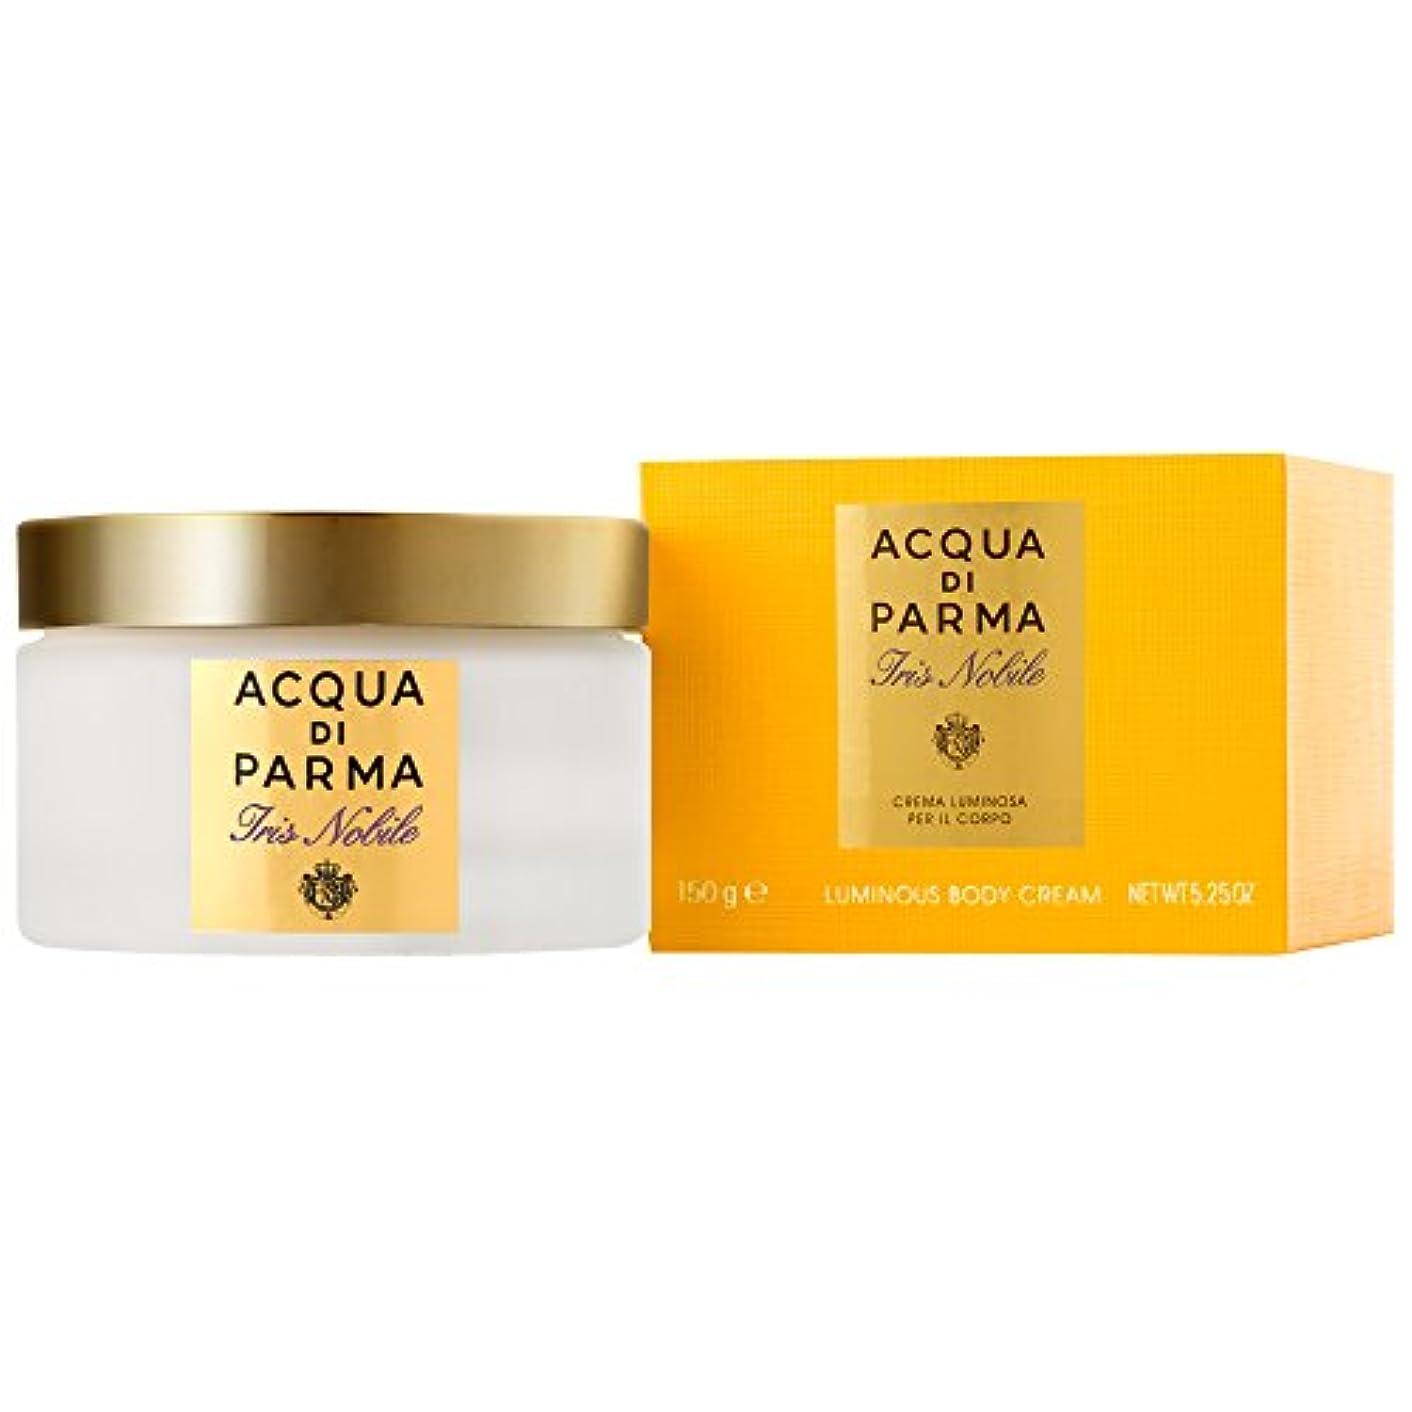 レビュー文明化口実アクア?ディ?パルマアイリスノビレボディクリーム150ミリリットル (Acqua di Parma) - Acqua di Parma Iris Nobile Body Cream 150ml [並行輸入品]